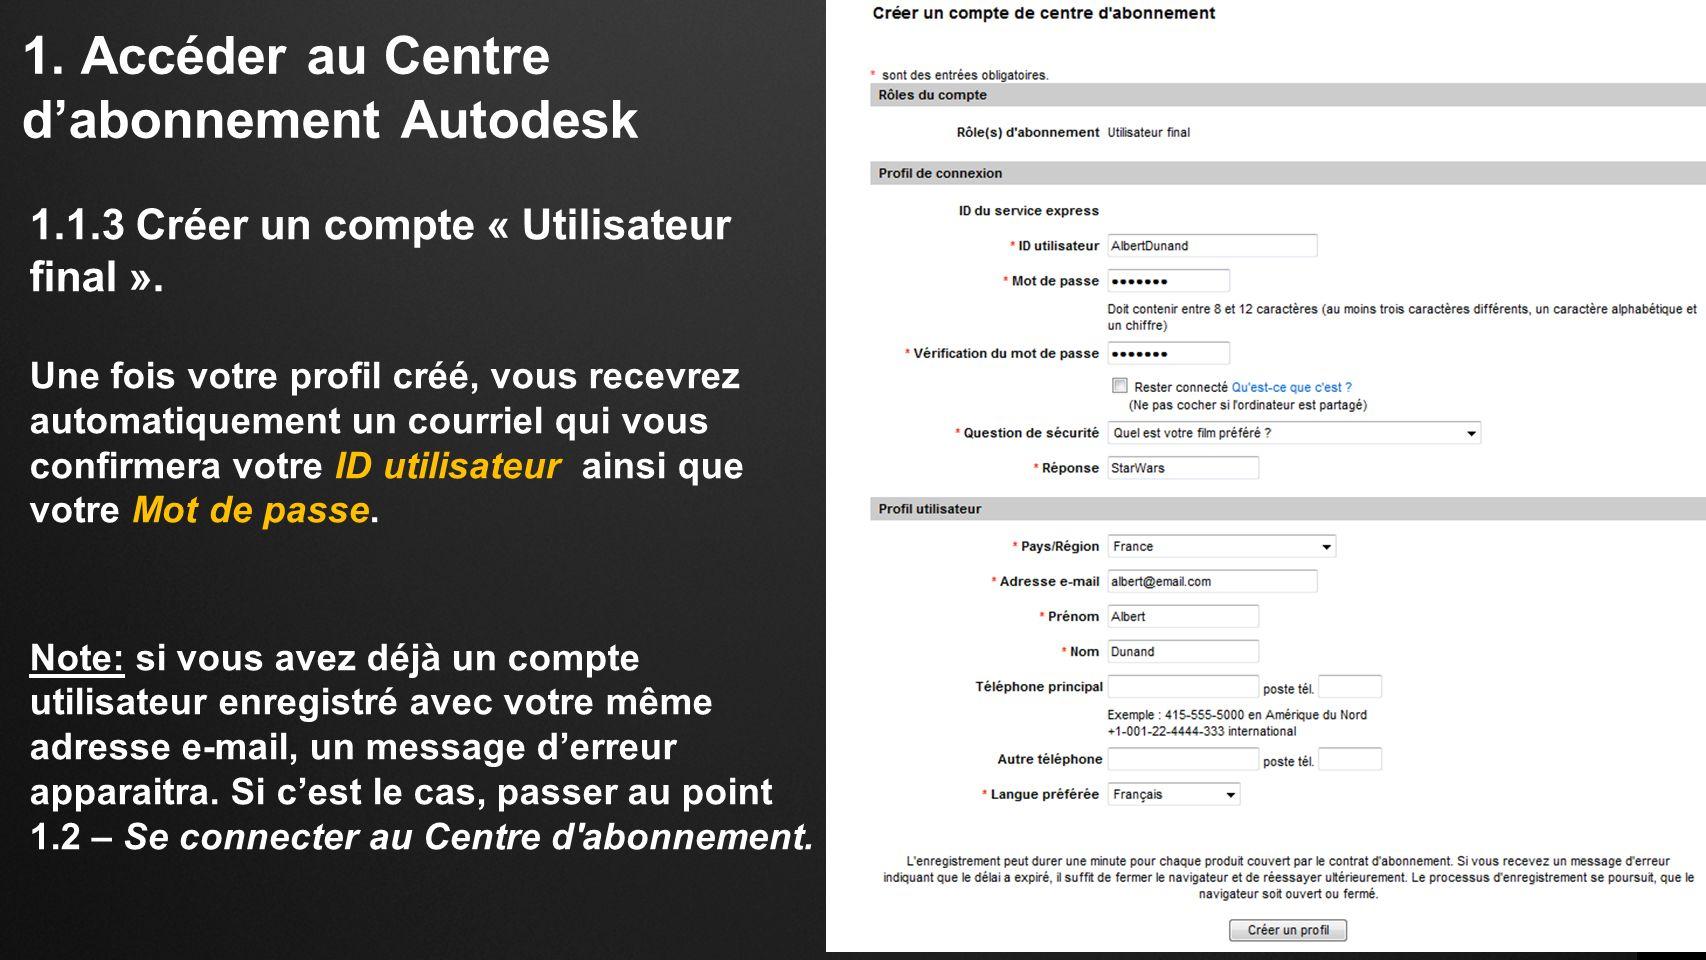 1.Accéder au Centre dabonnement Autodesk 1.1.3 Créer un compte « Utilisateur final ».